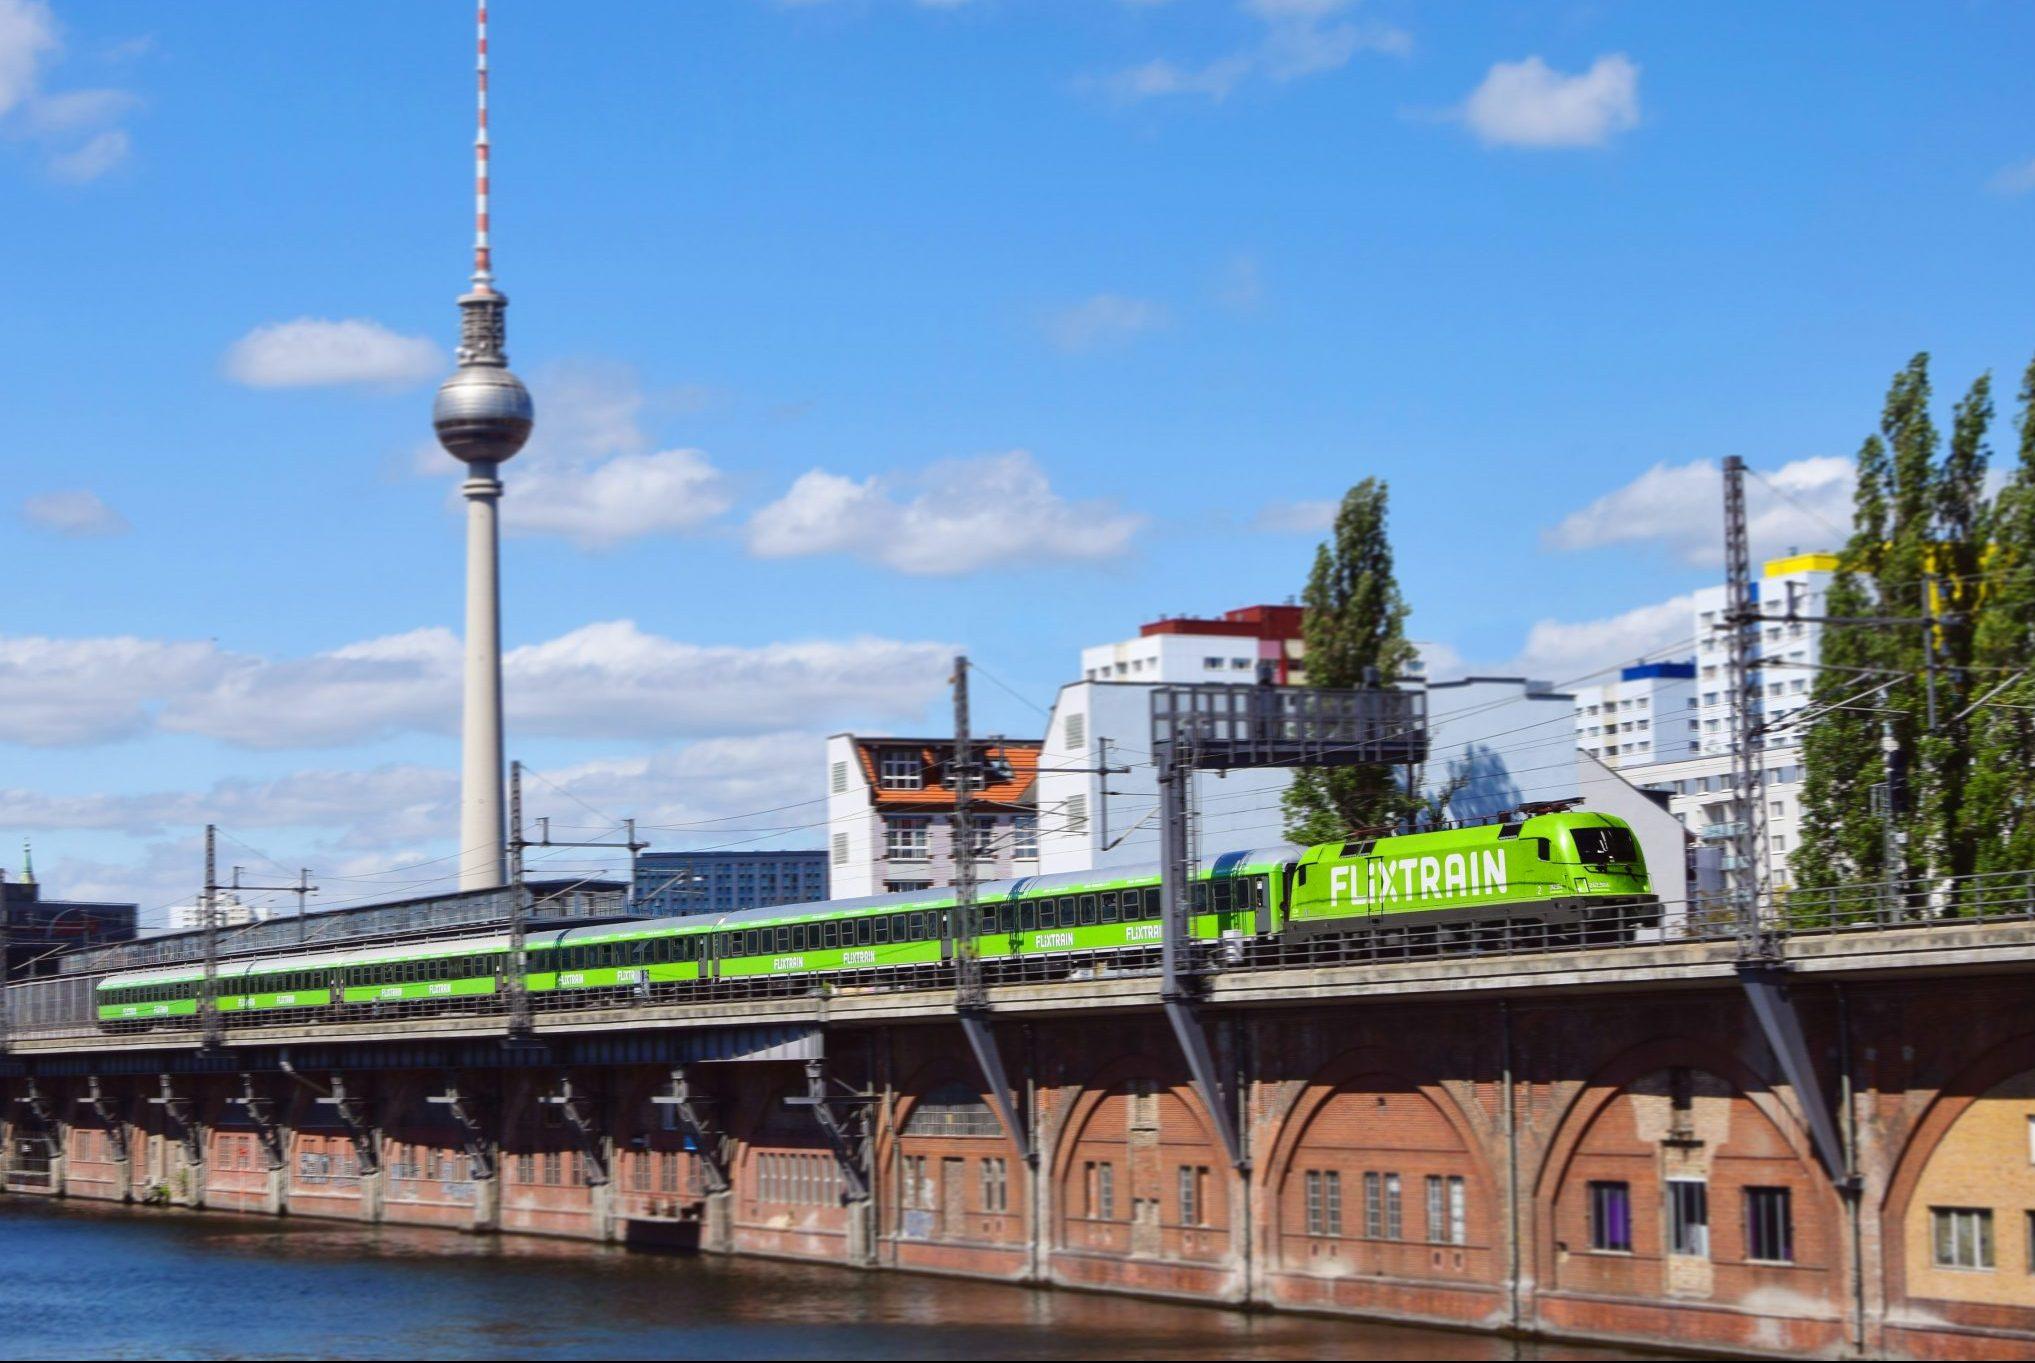 FlixTrain udvider betjeningen af sit tyske hjemmemarked, mens der før var ruter mellem 15 tyske byer, stiger tallet i disse måneder til 40. Her er selskabet på banen i Berlin. Pressefoto: FlixTrain.